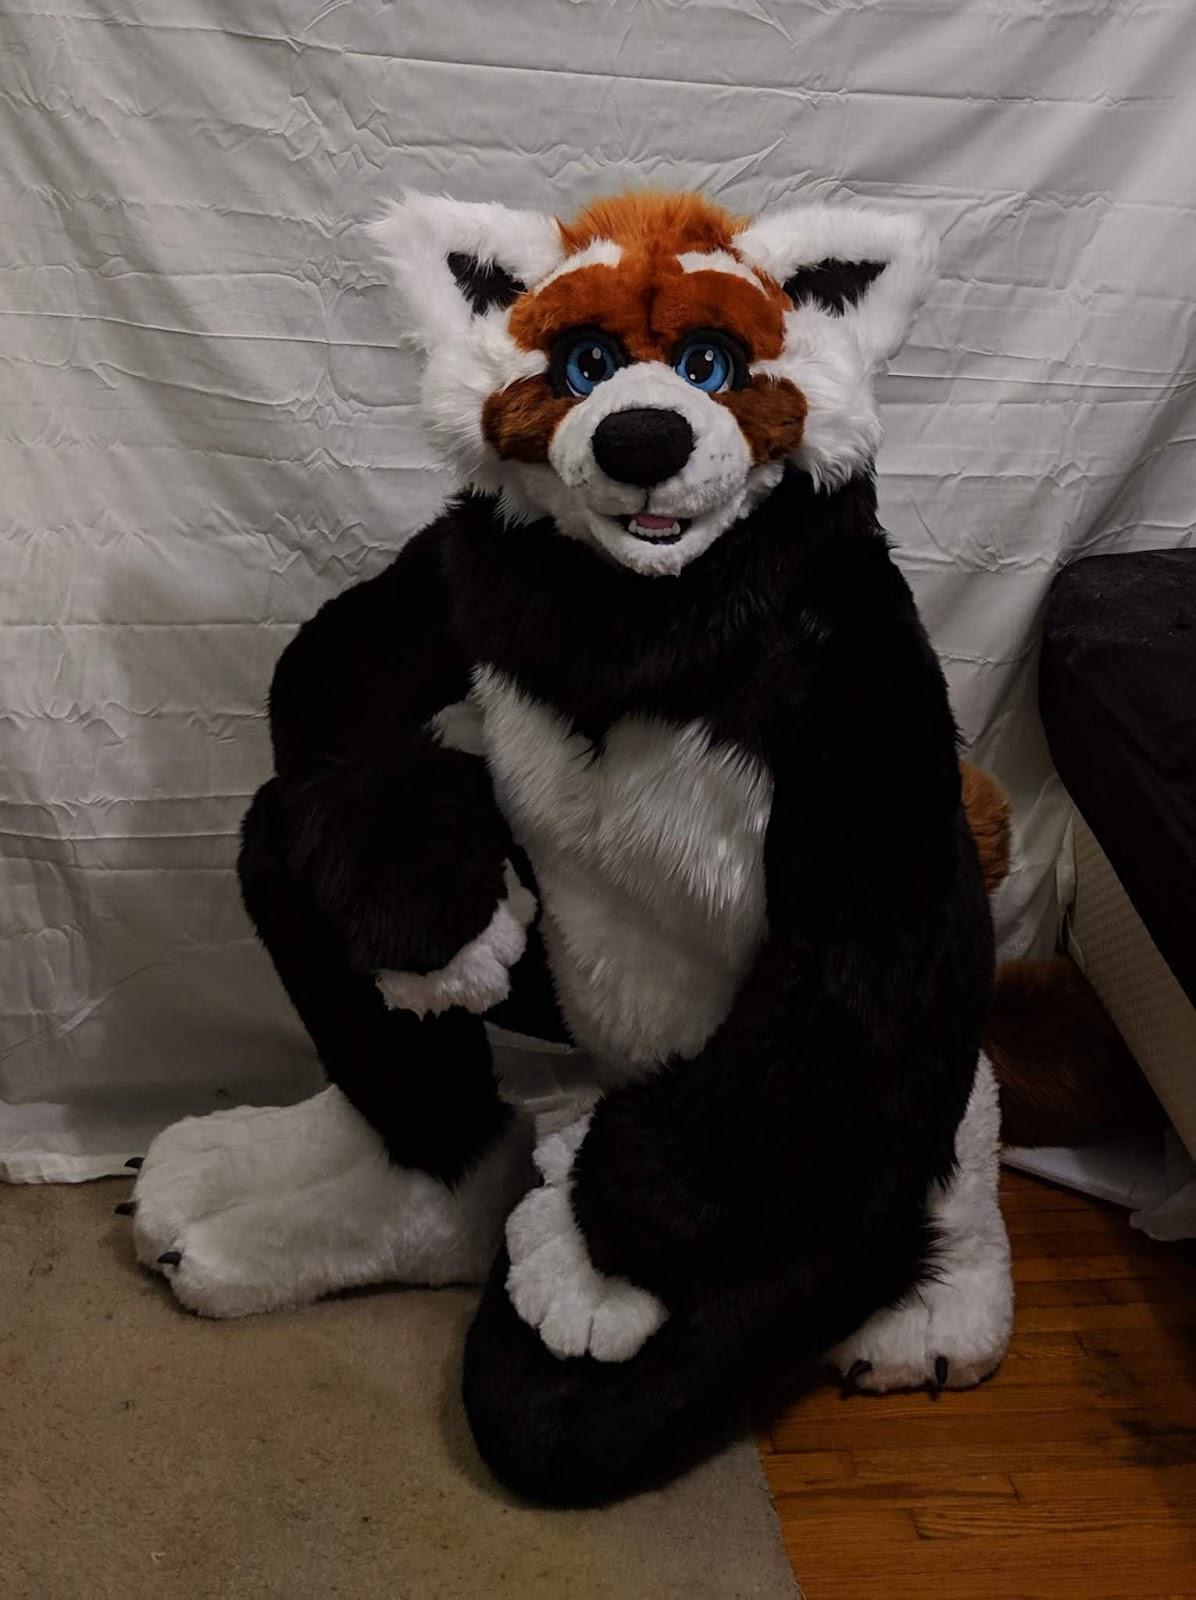 Fursuit Panda katie the pink panda: my first fursuit